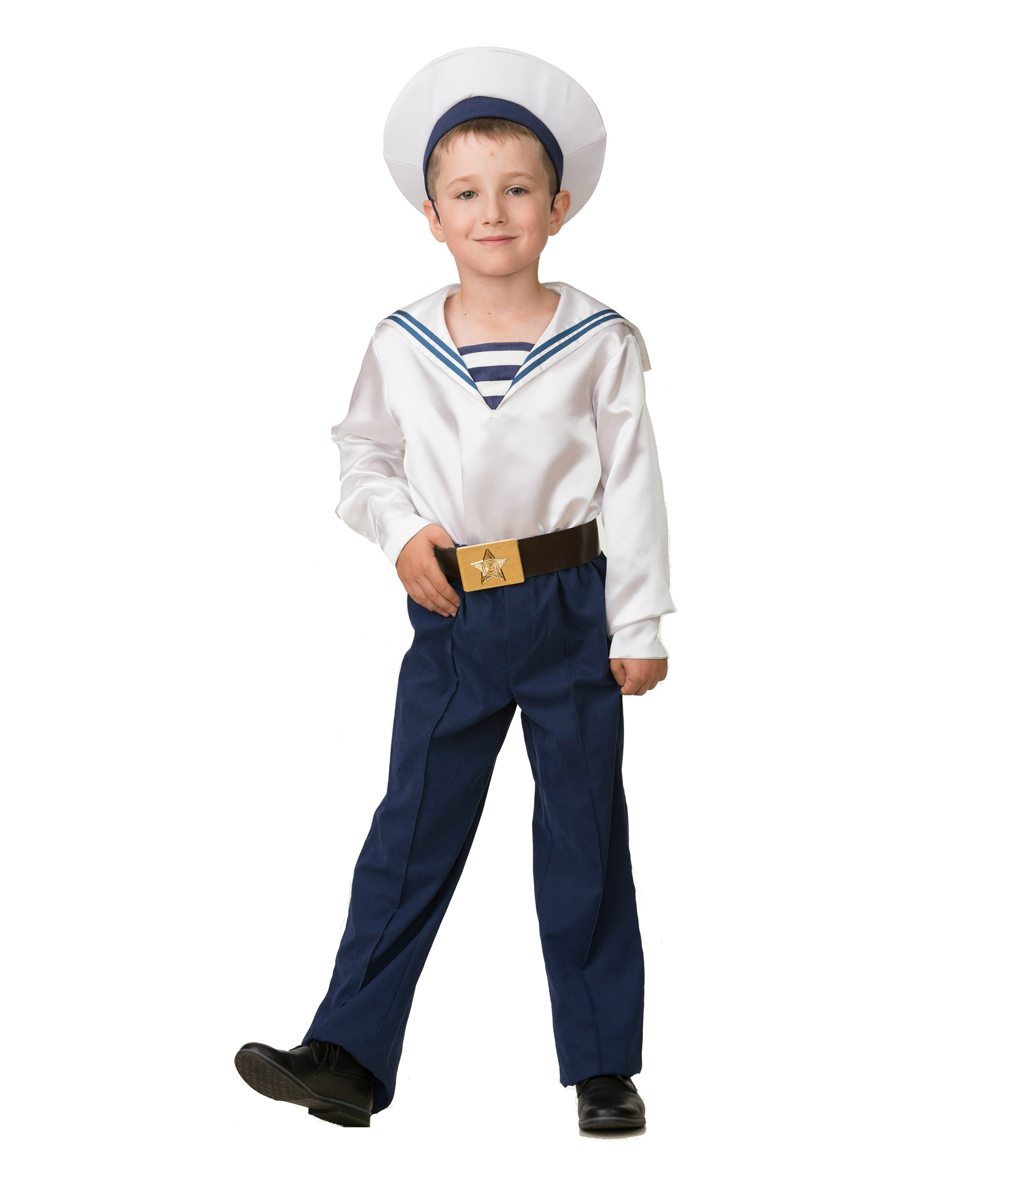 Фото Батик Костюм карнавальный для мальчика Матрос парадный размер 36